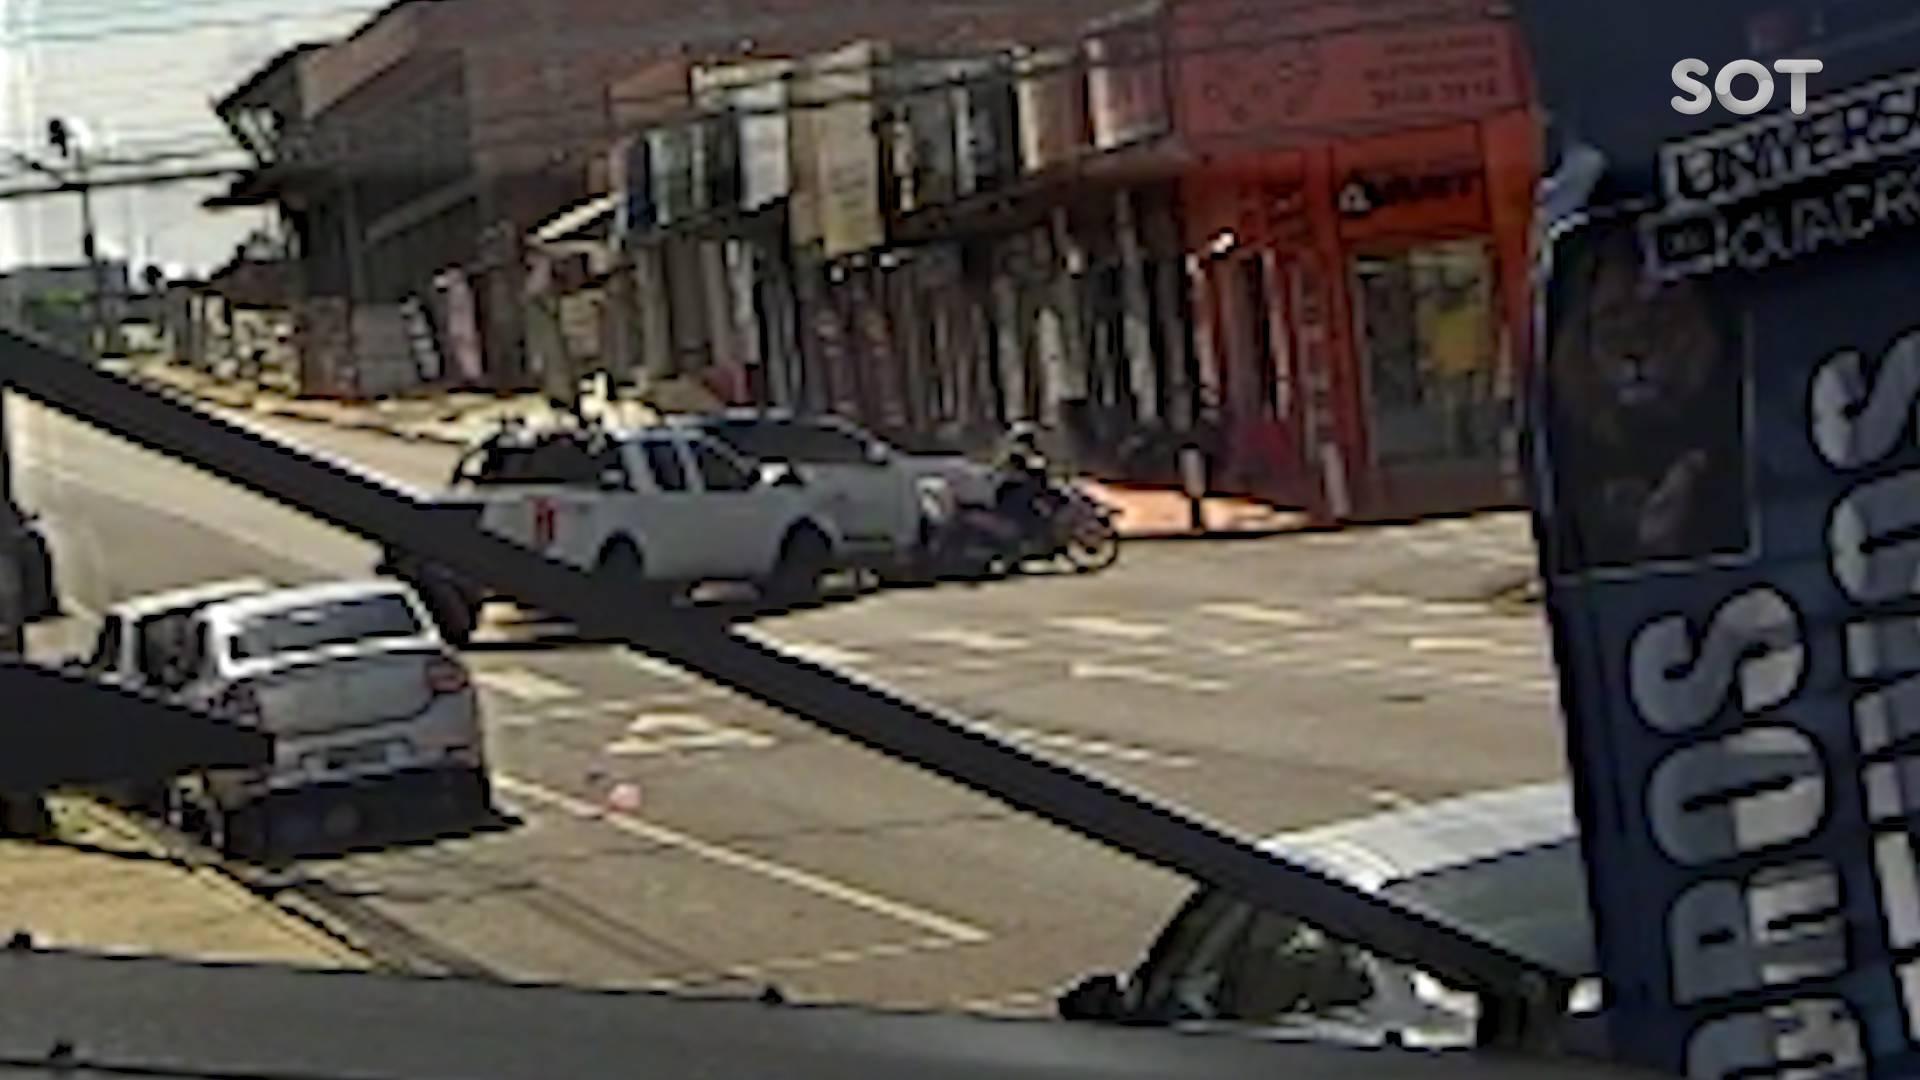 Câmera de segurança registra forte colisão entre três veículos na Rua São Paulo